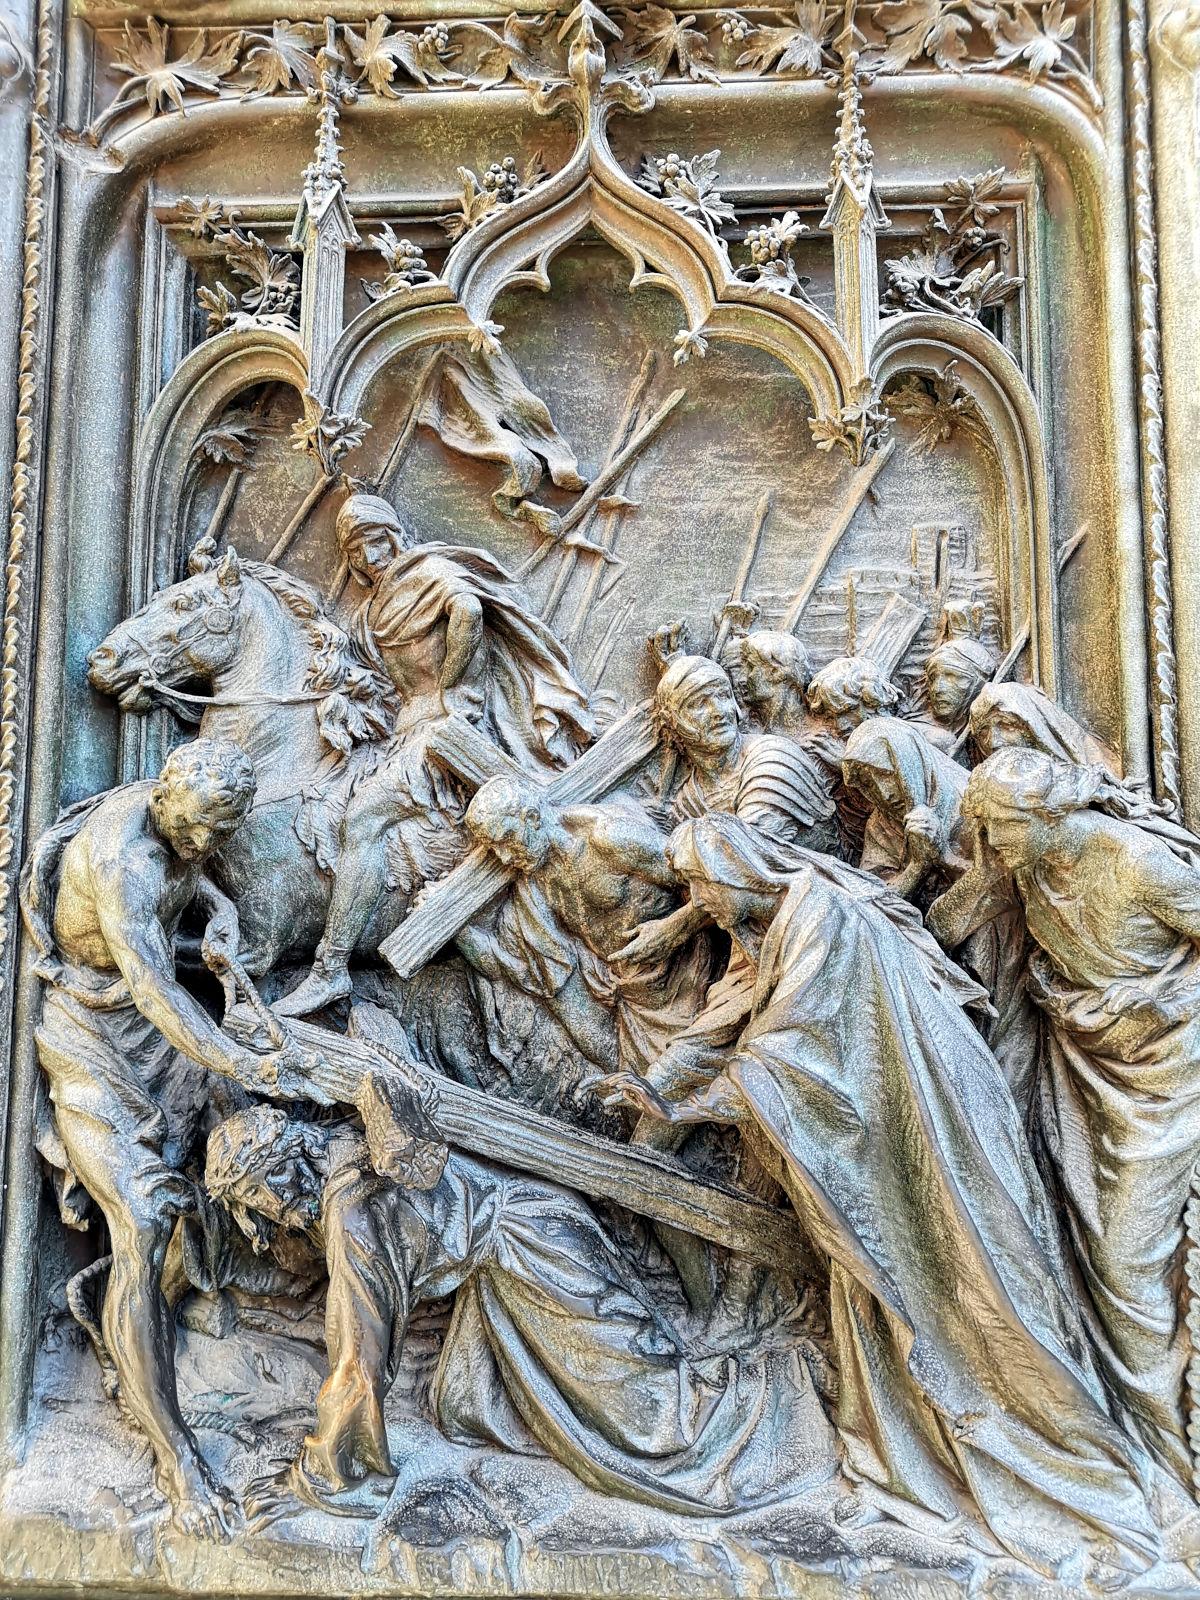 An der Türen des Doms befinden sich viele Szenen aus der Bibel. Einige von ihnen werden gerne berührt, weil das Glück bringen soll. Ich habe eine andere fotografiert, damit sie nicht so traurig ist und auch mal Aufmerksamkeit erhält. (Foto: Ruti)